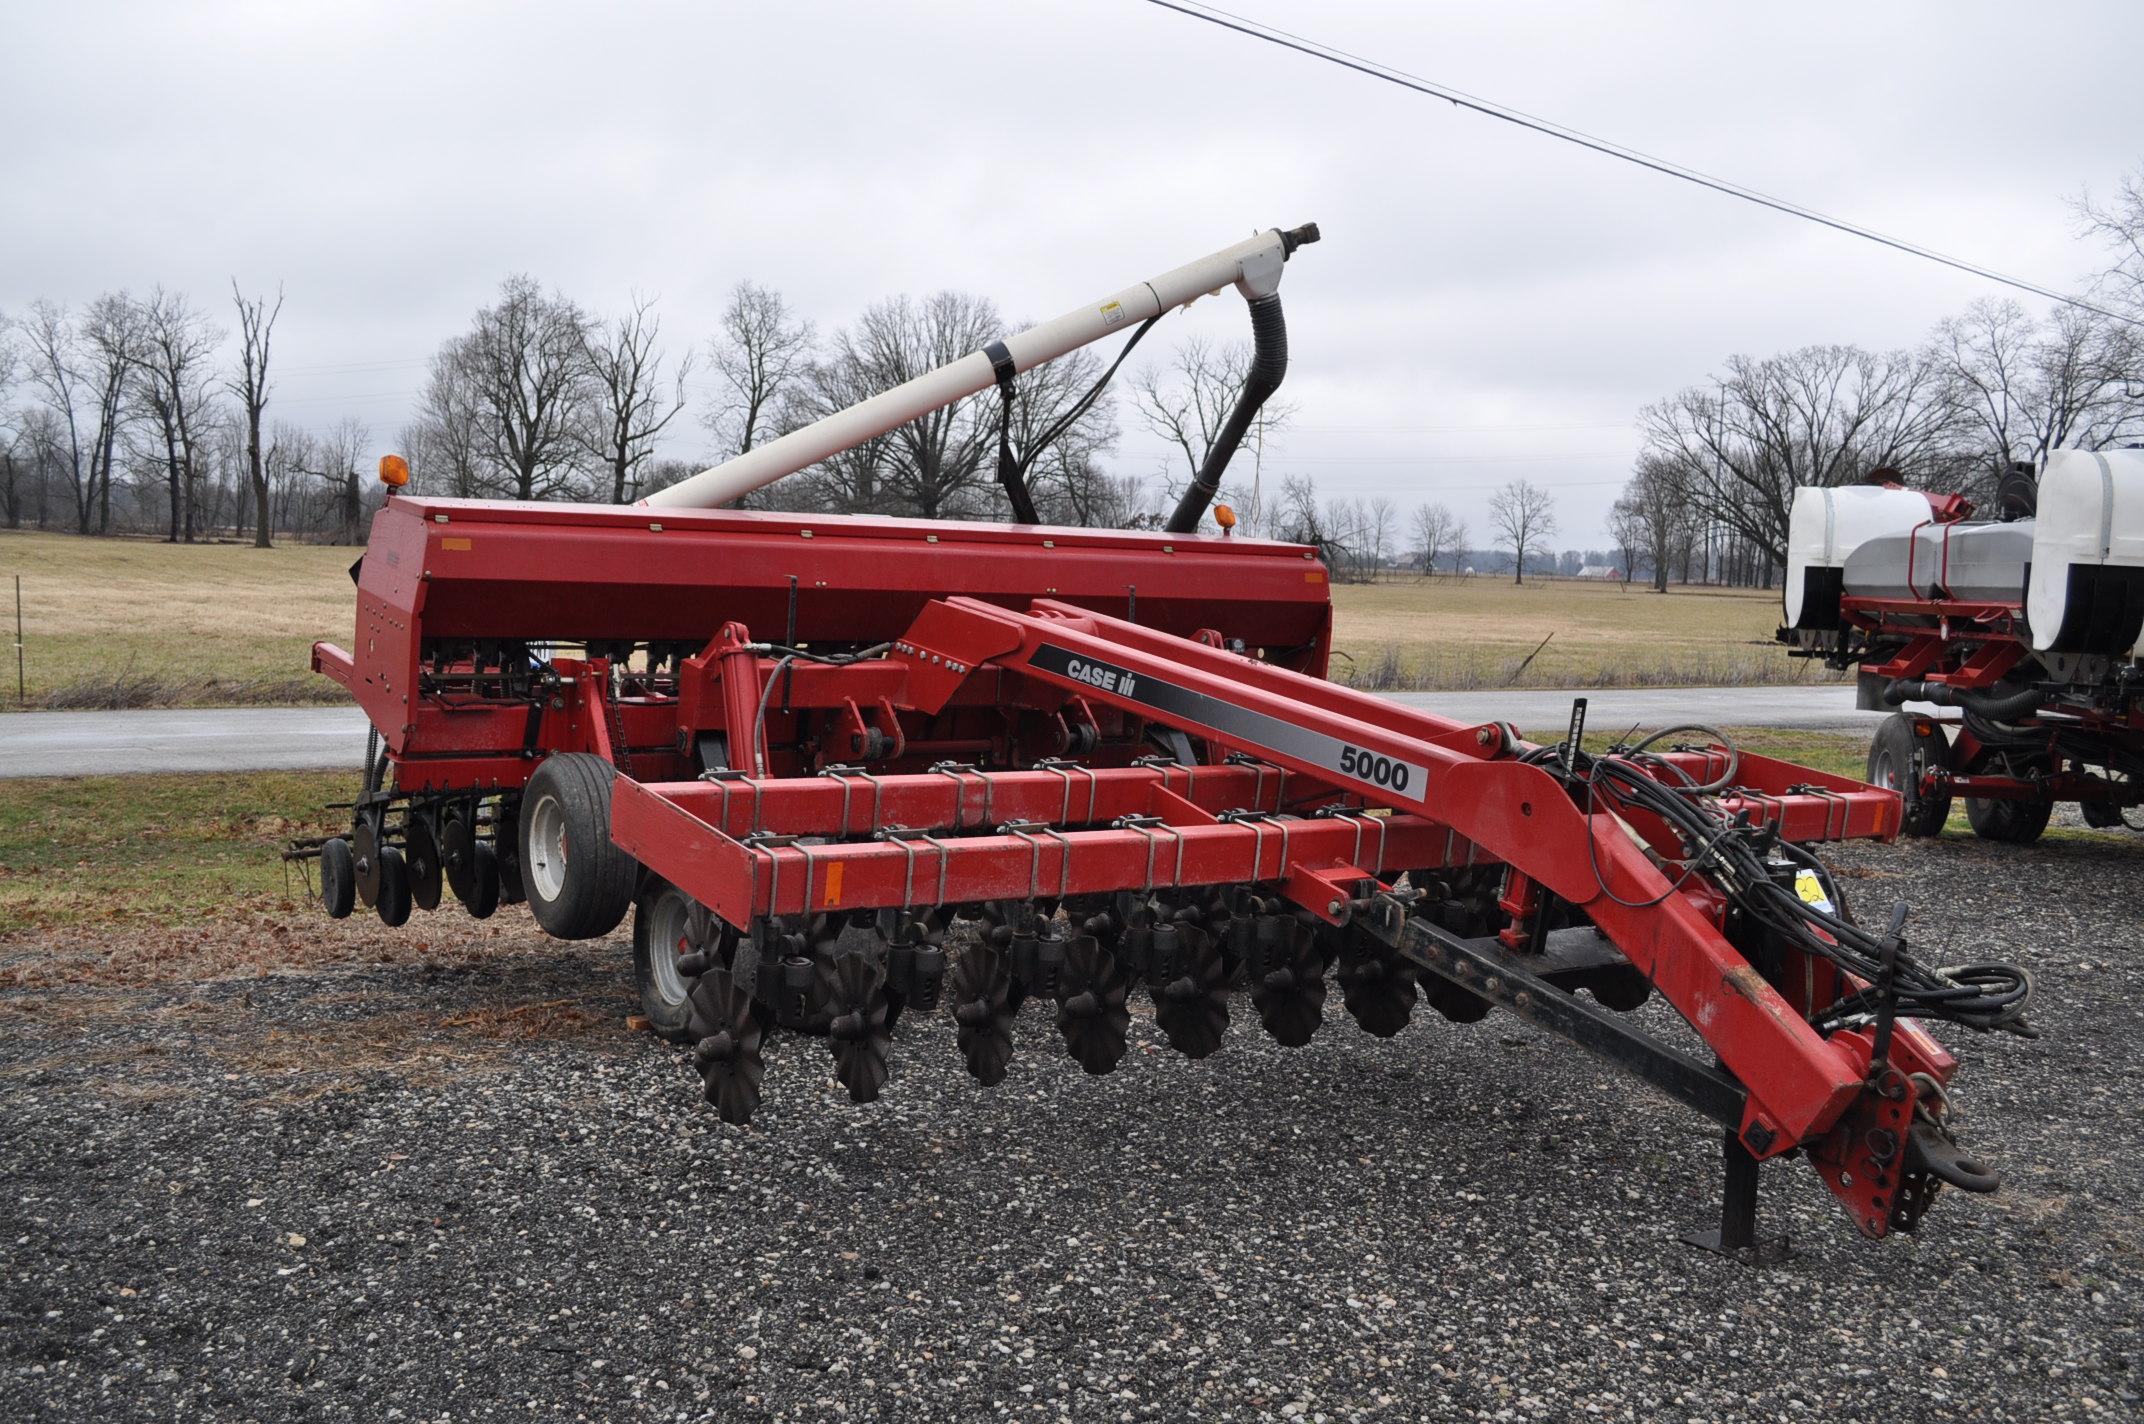 """Case IH 5400 grain drill, 3pt no-till caddie cart, 7 ½"""" spacing, 2 bar coil tine drag, Remlinger - Image 4 of 13"""